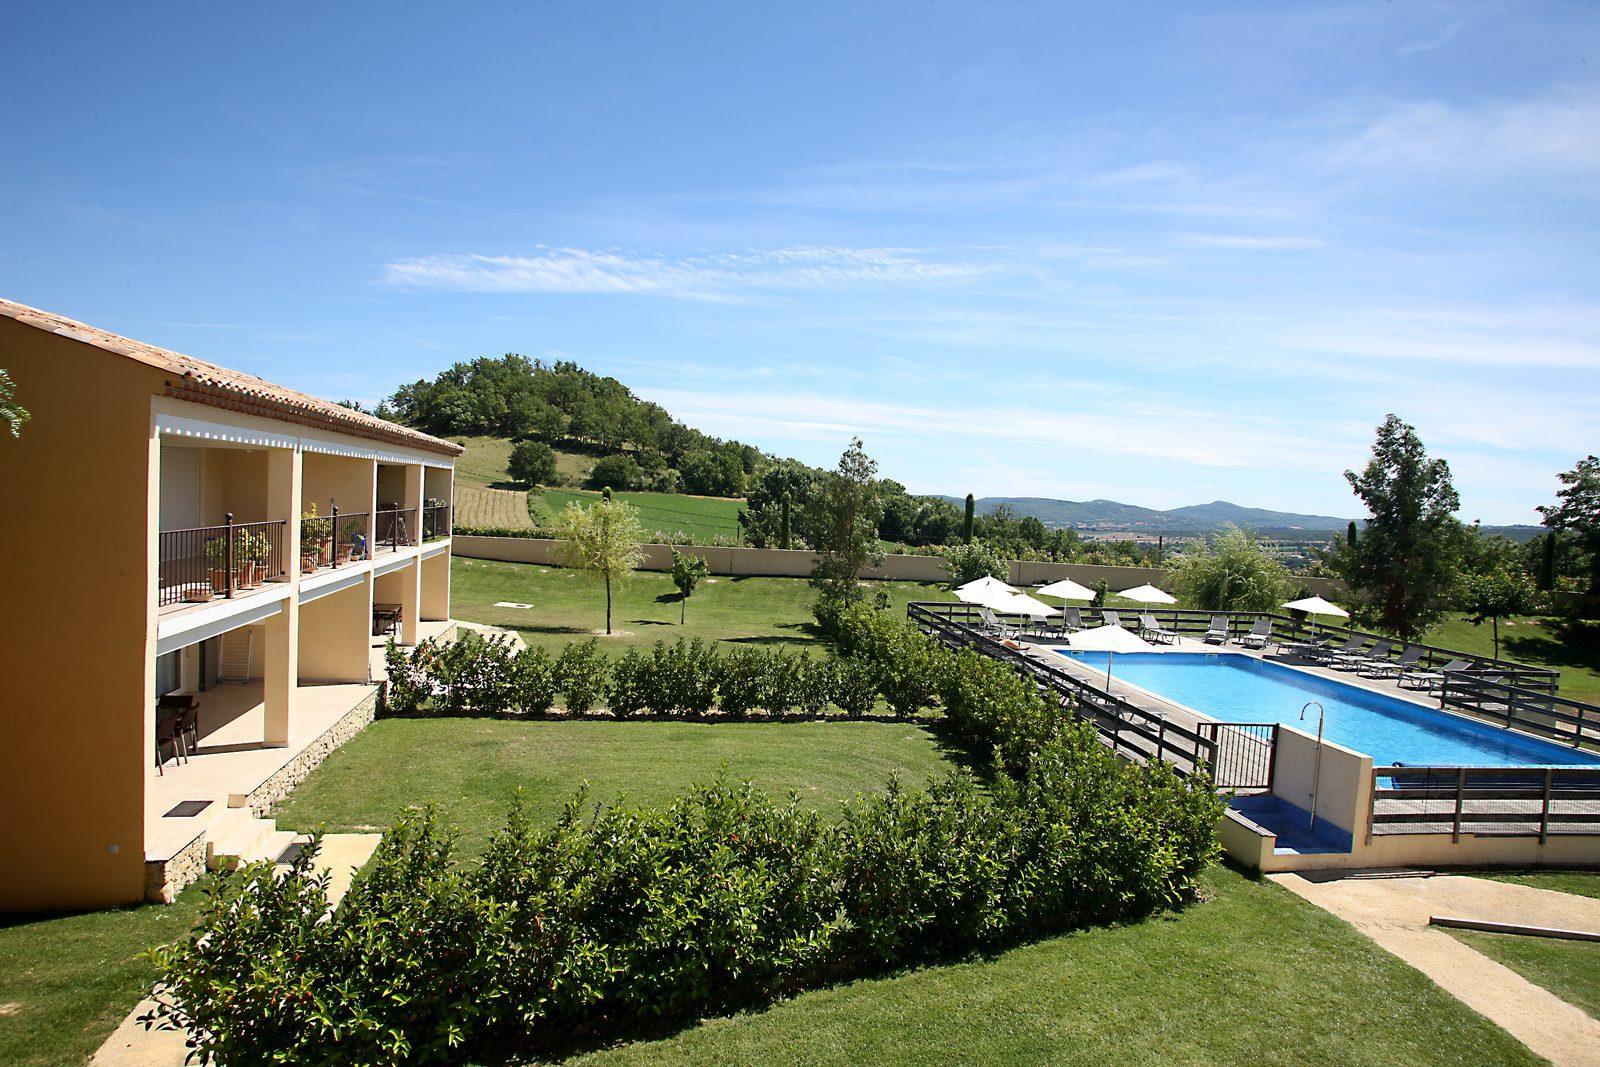 Vakantie, Frankrijk, Provence, zwembad, vakantiehuis, vakantievilla